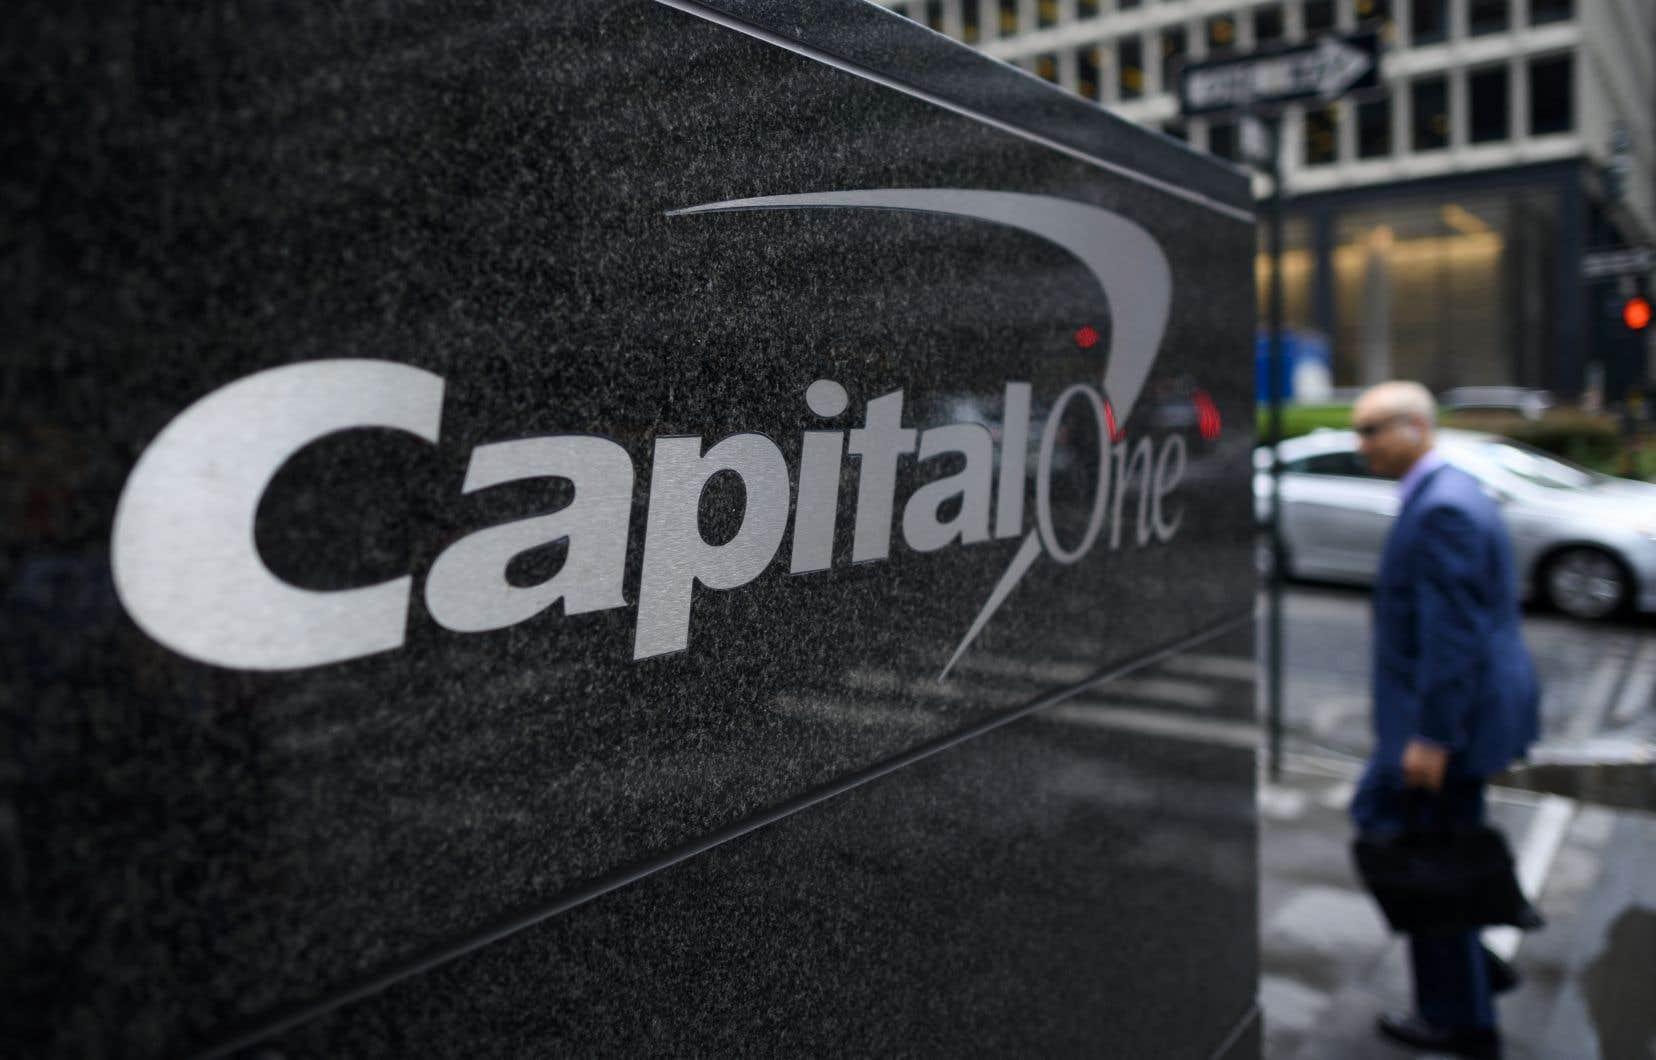 Hopper a dévoilé un nouveau partenariat avec l'institution financière américaine Capital One, l'un des plus importants distributeurs de cartes de crédit.